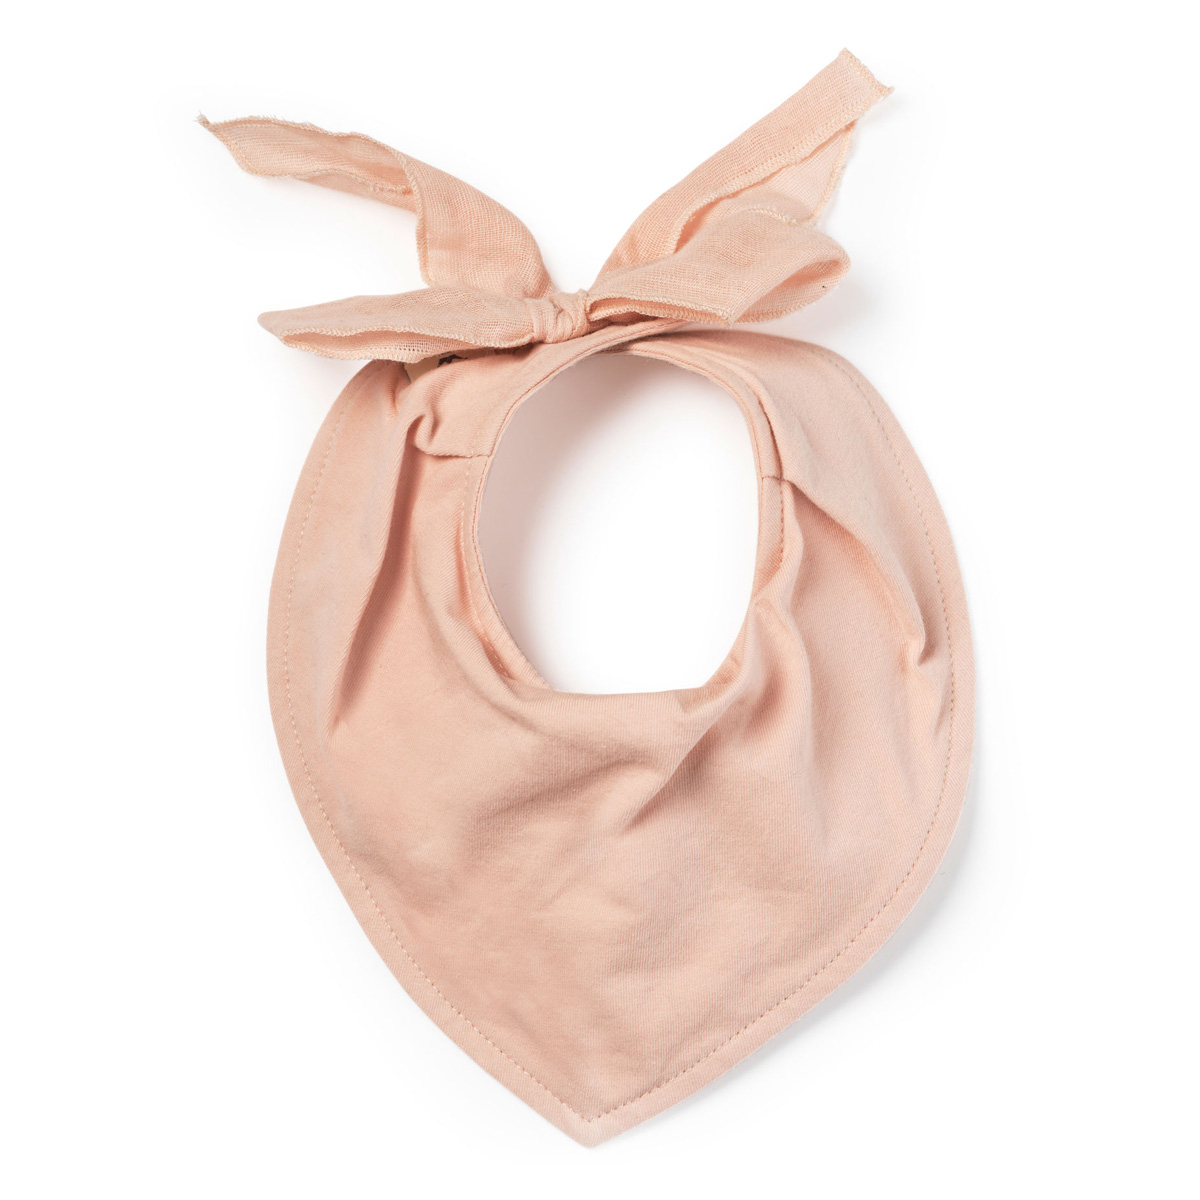 Σαλιάρα-Μπαντάνα Elodie Powder Pink BR74940